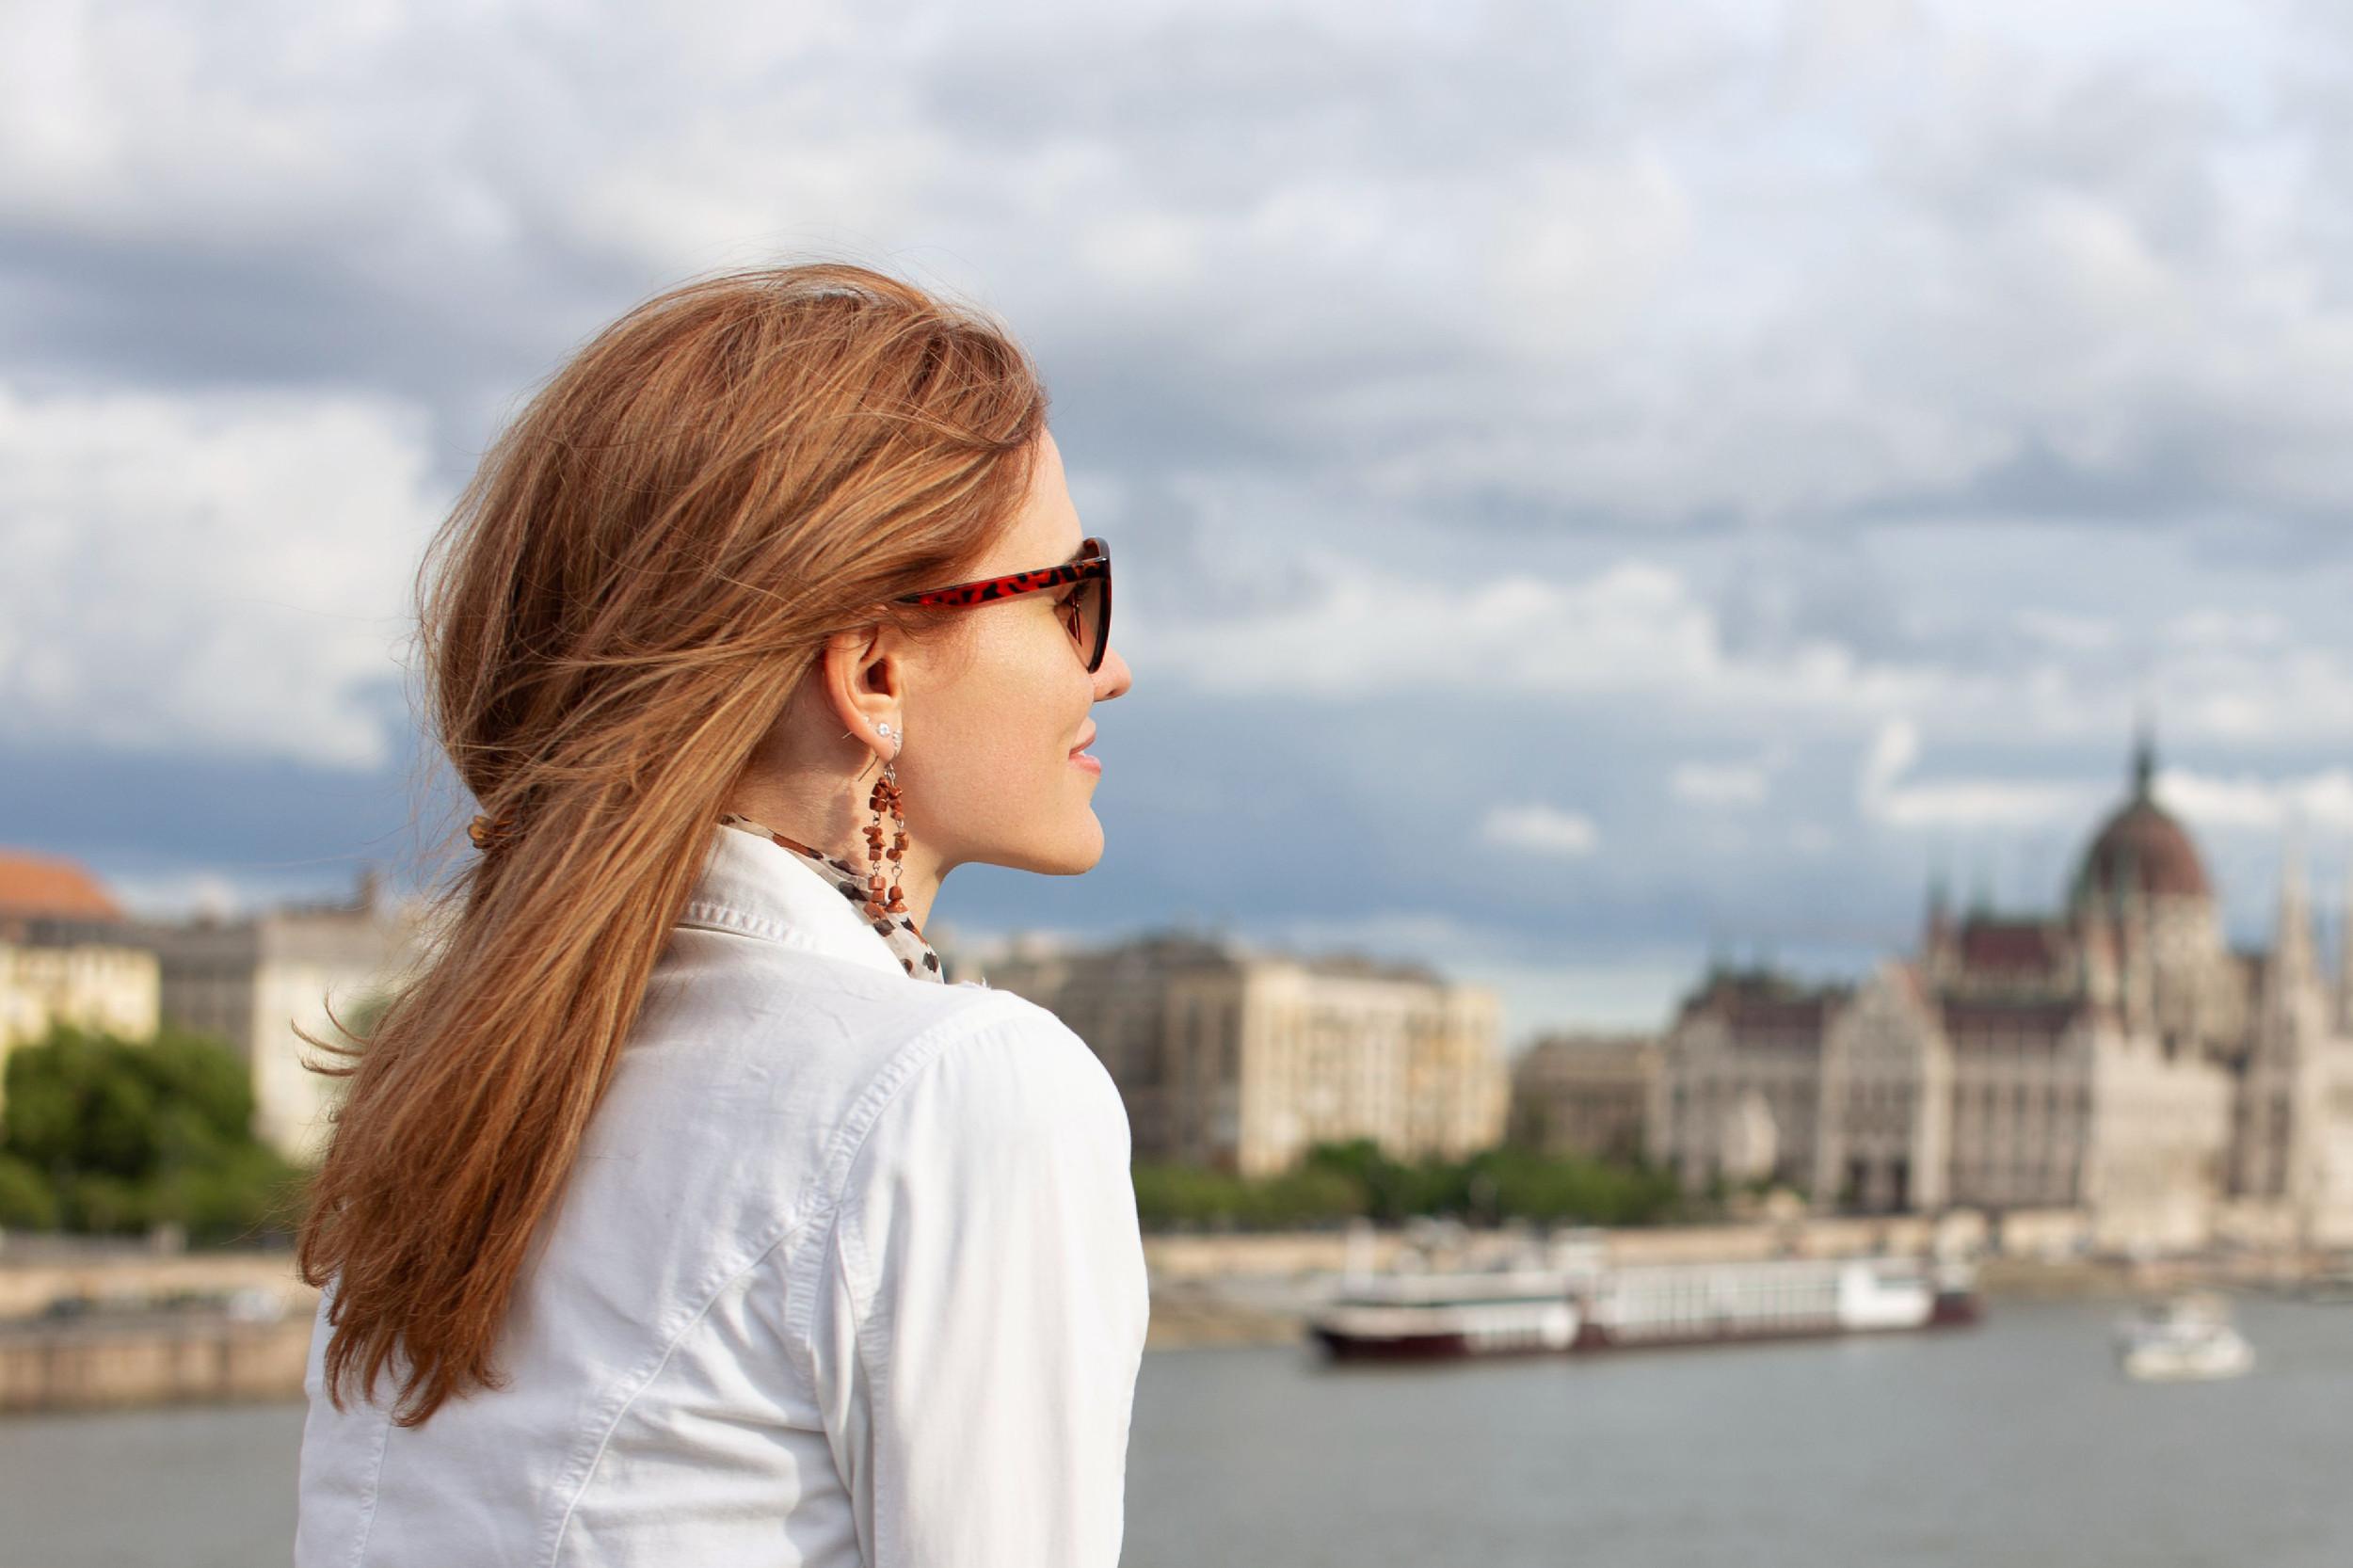 szépség kánonjai egy modern nő szempontjából)